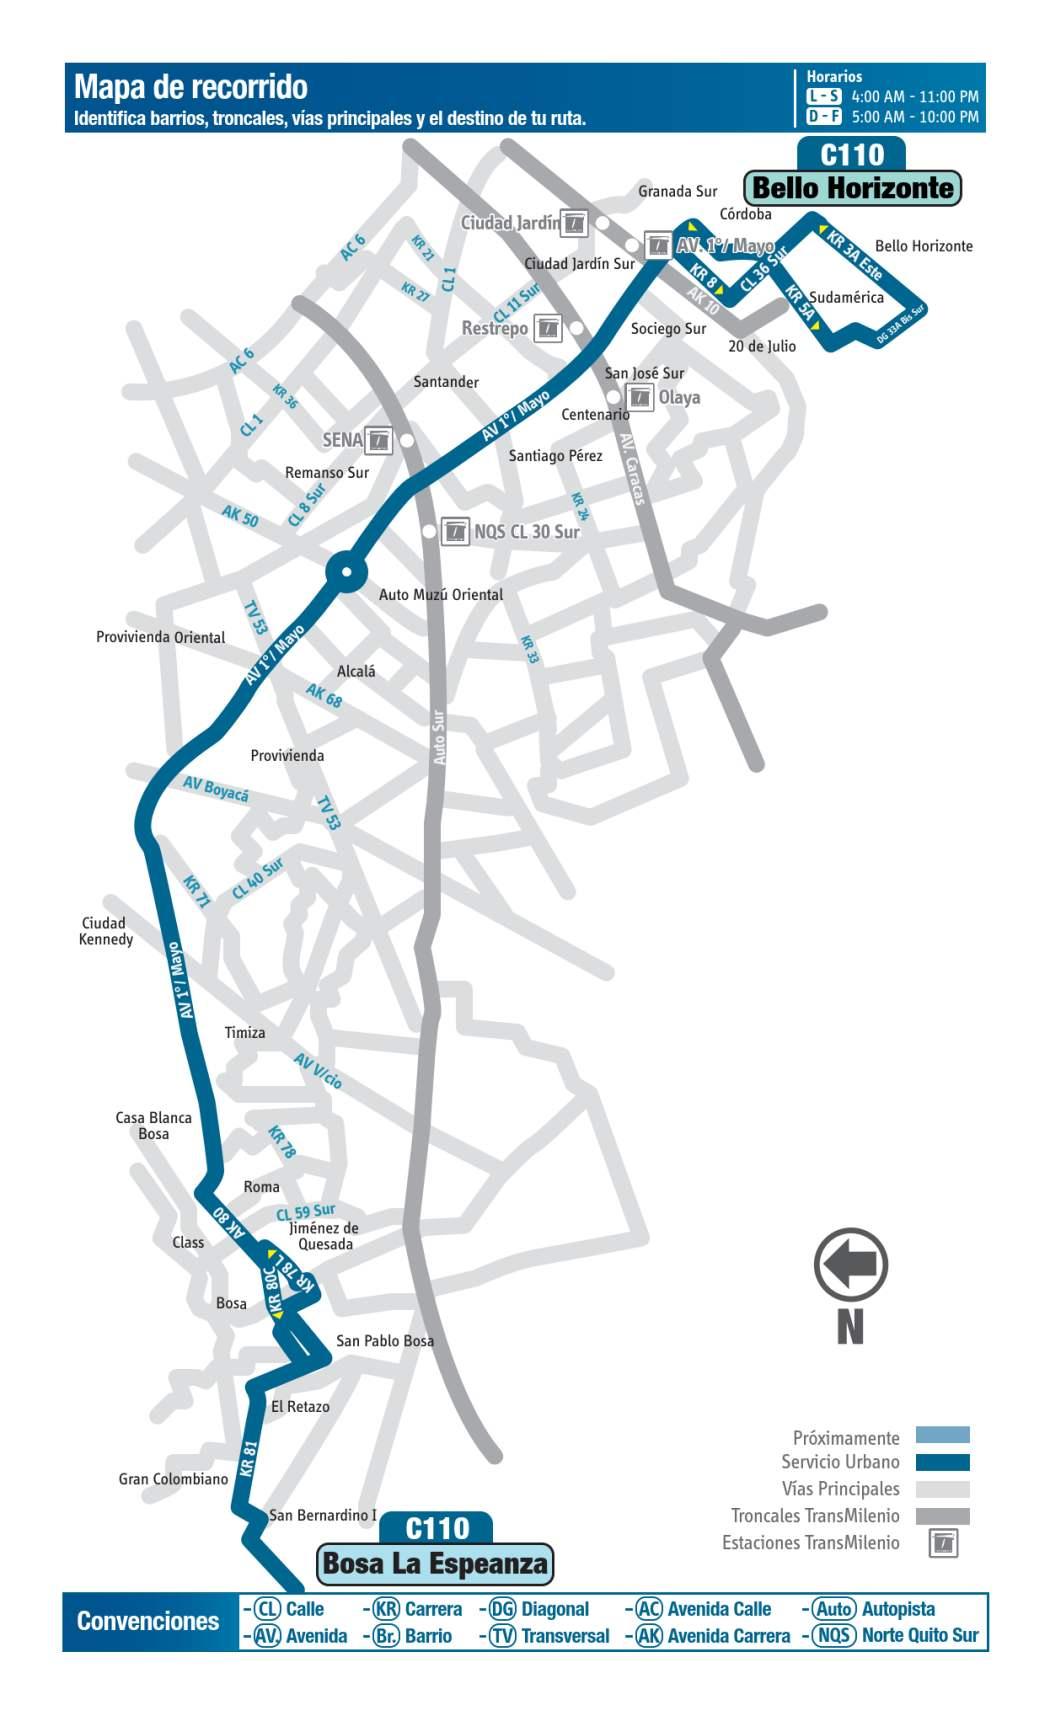 C110 Bello Horizonte - Bosa La Esperanza, mapa bus urbano Bogotá